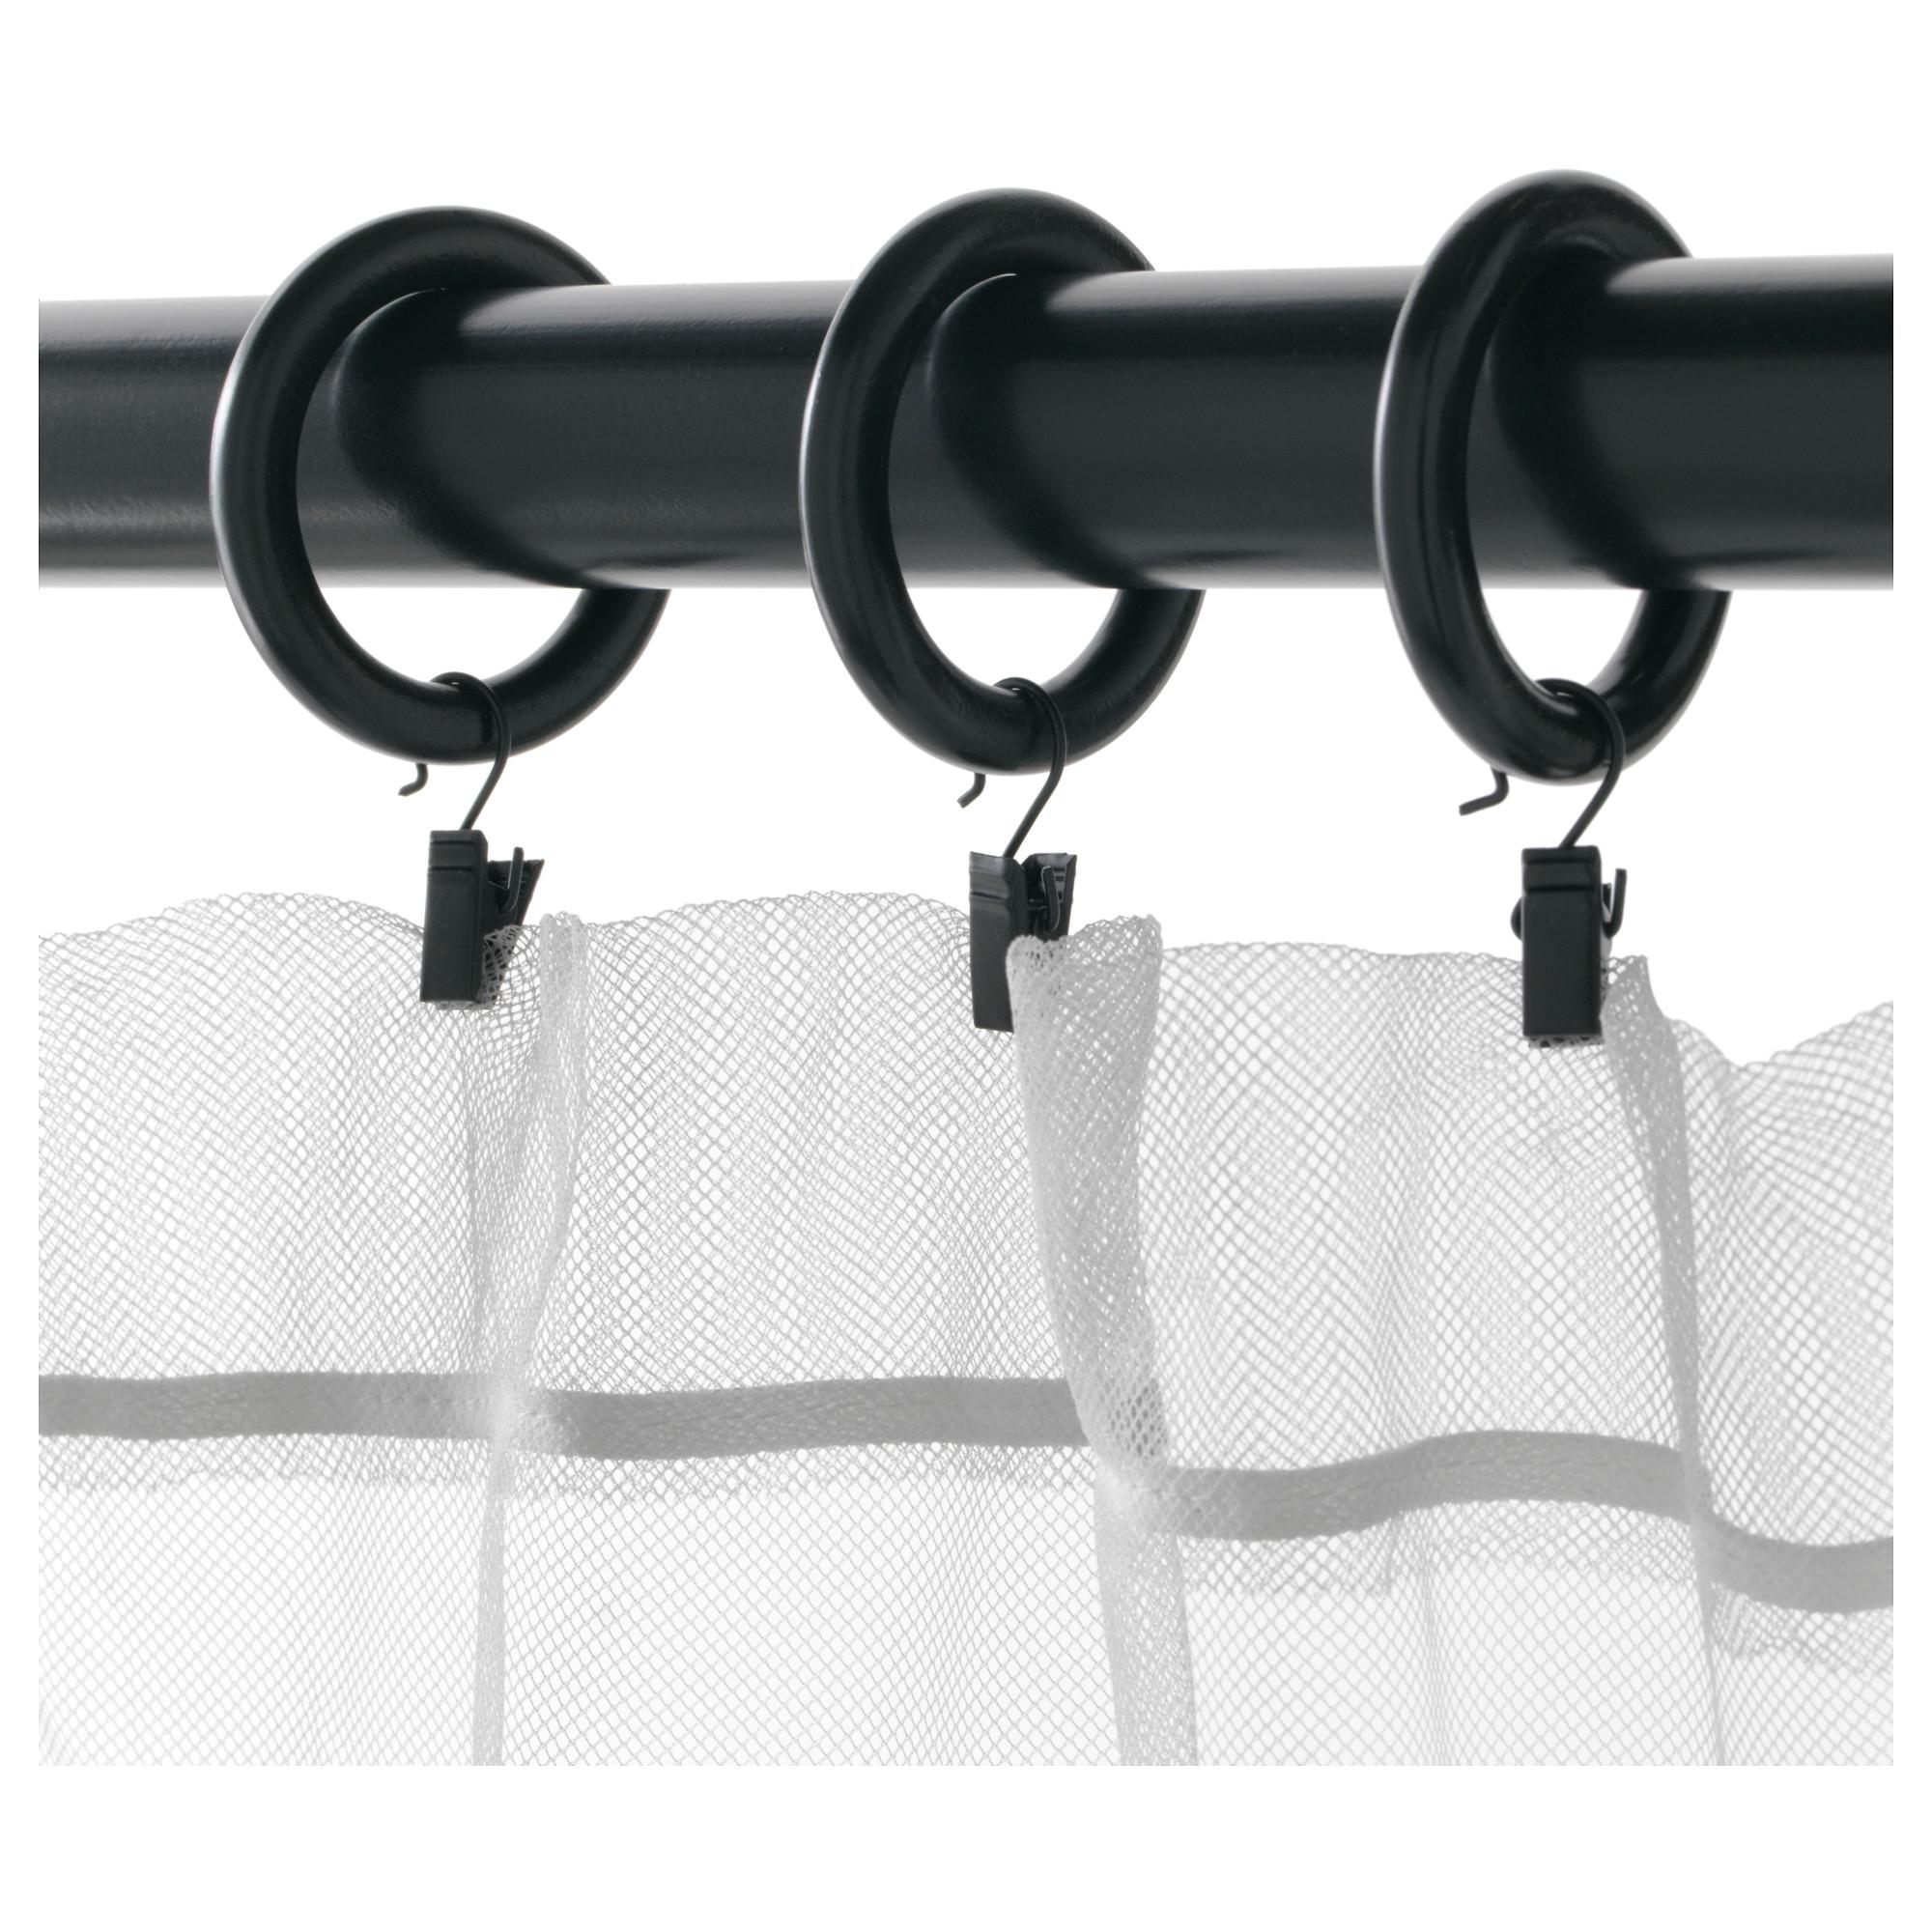 正品普图木制窗帘挂环圈圆形挂环夹子免打孔环圈罗马圈小圆圈通用